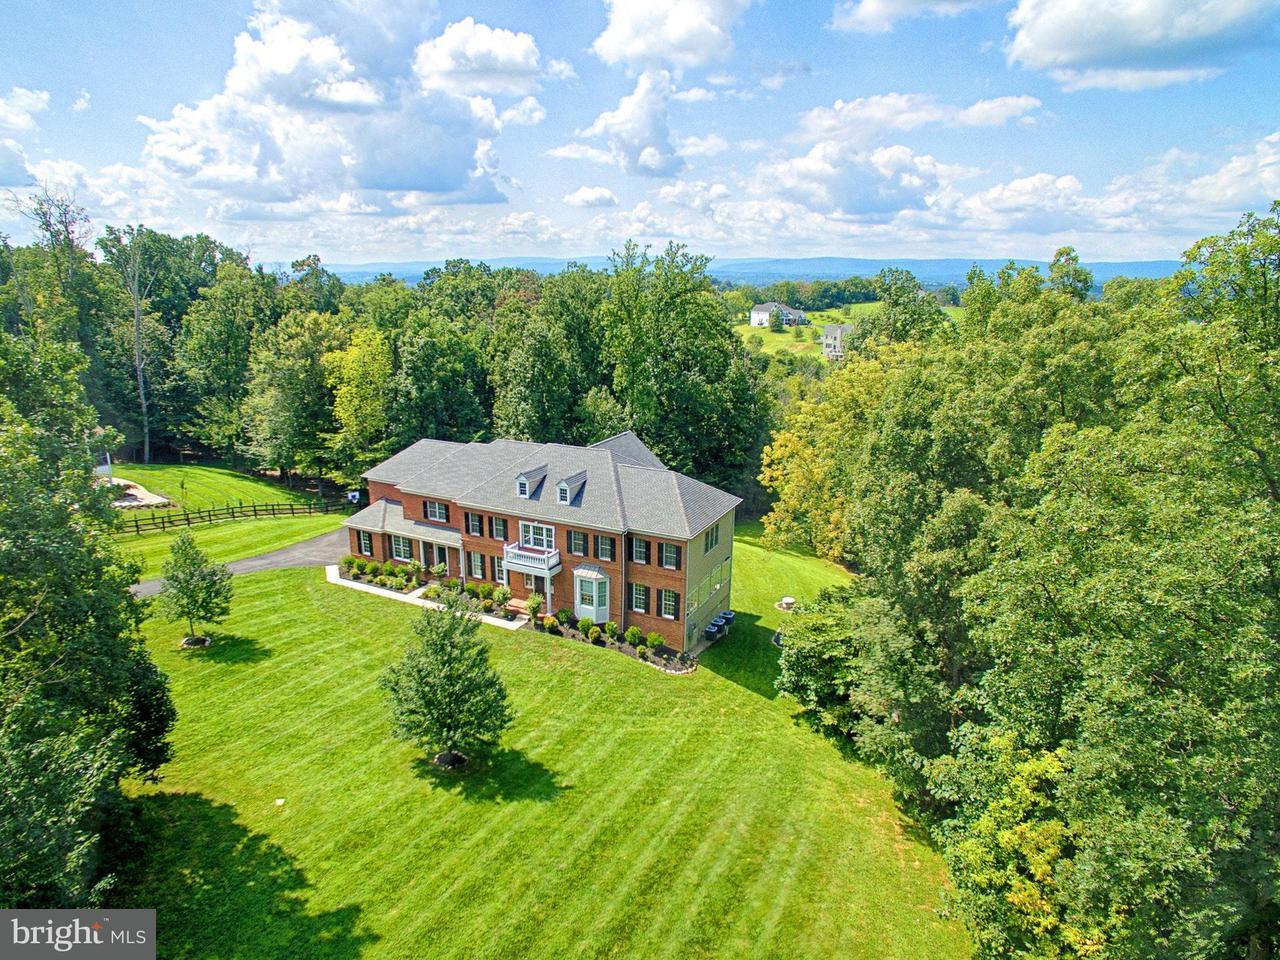 Vivienda unifamiliar por un Venta en 15235 PAVLO Place 15235 PAVLO Place Waterford, Virginia 20197 Estados Unidos